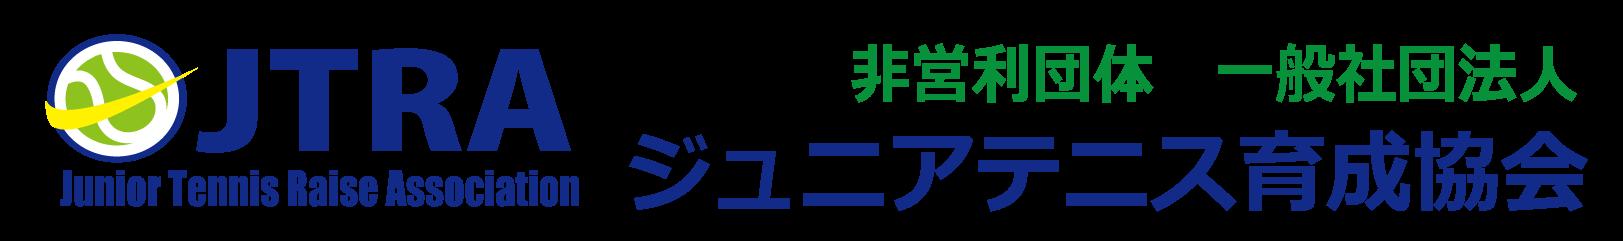 ジュニアテニス育成協会